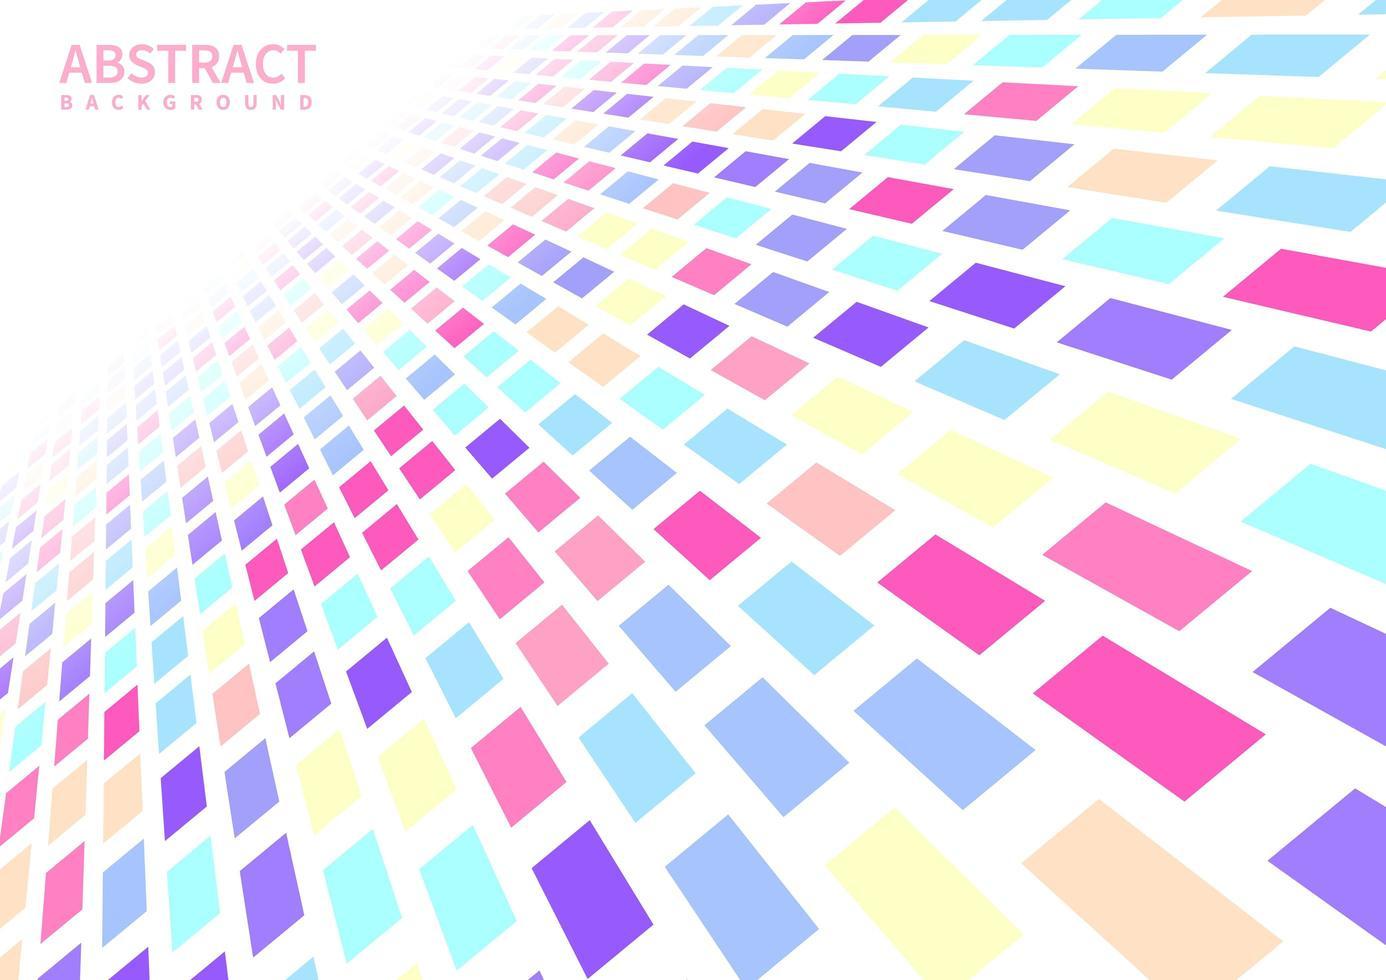 forme prospettiche sbiadite pastello geometrico astratto vettore